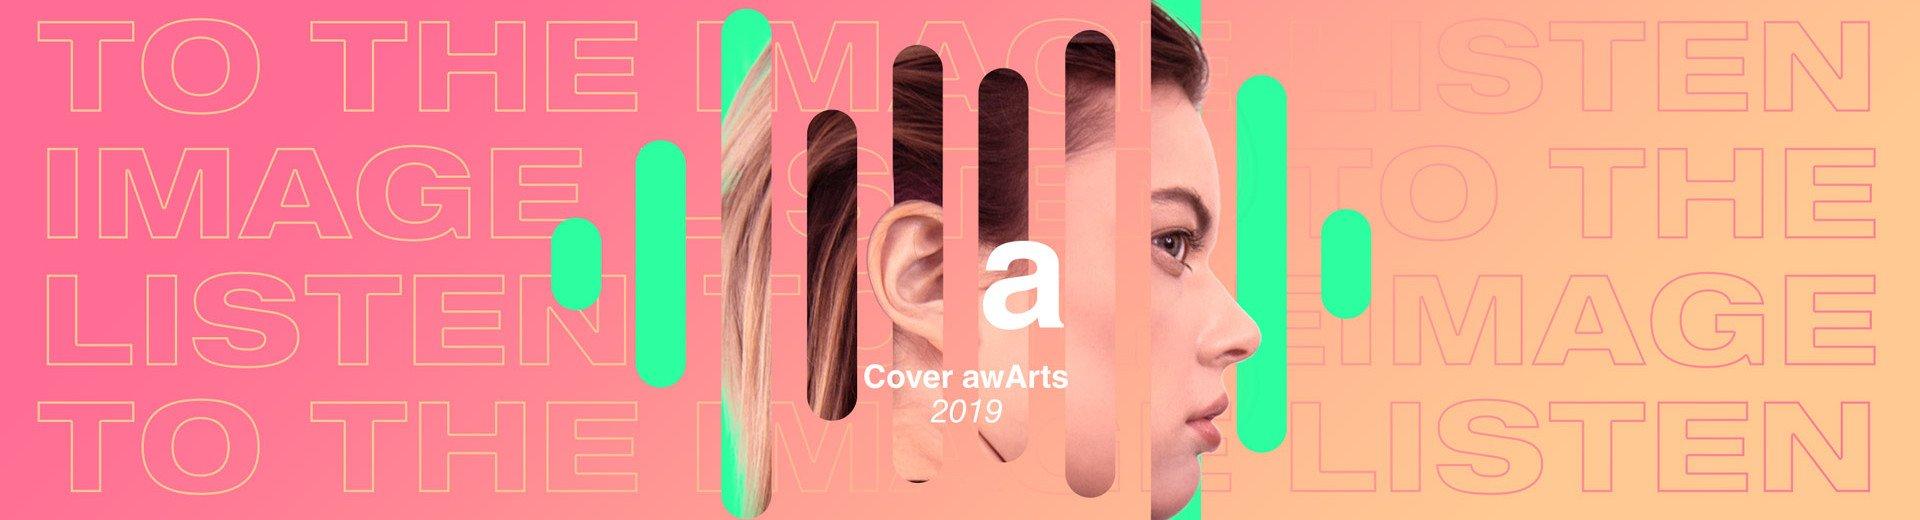 Okładka artykułu Cover awArts — Weź udział w głosowaniu na najlepszą okładkę